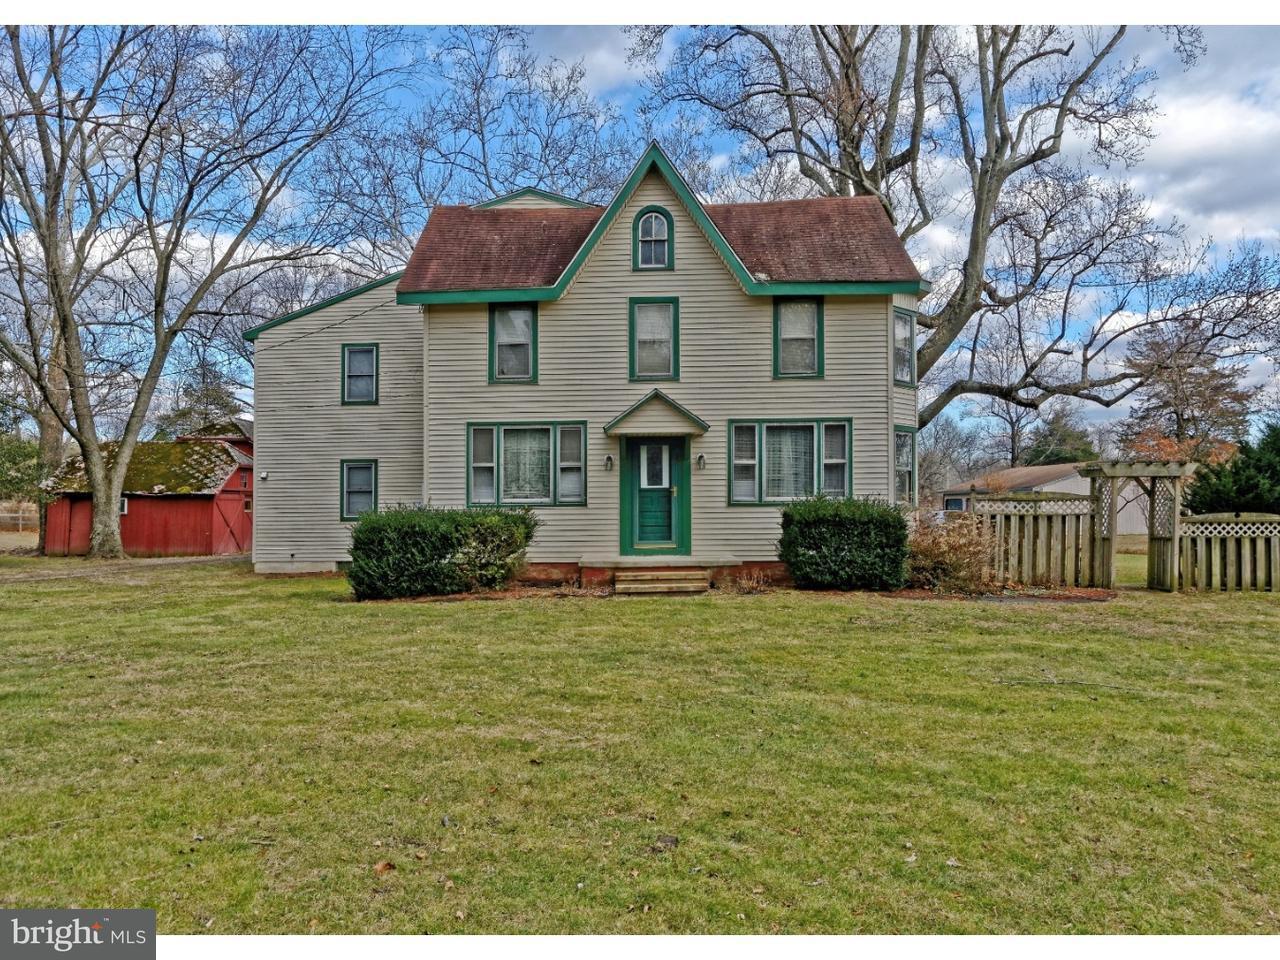 Частный односемейный дом для того Продажа на 30 NEW BROOKLYN Road Winslow, Нью-Джерси 08081 Соединенные Штаты